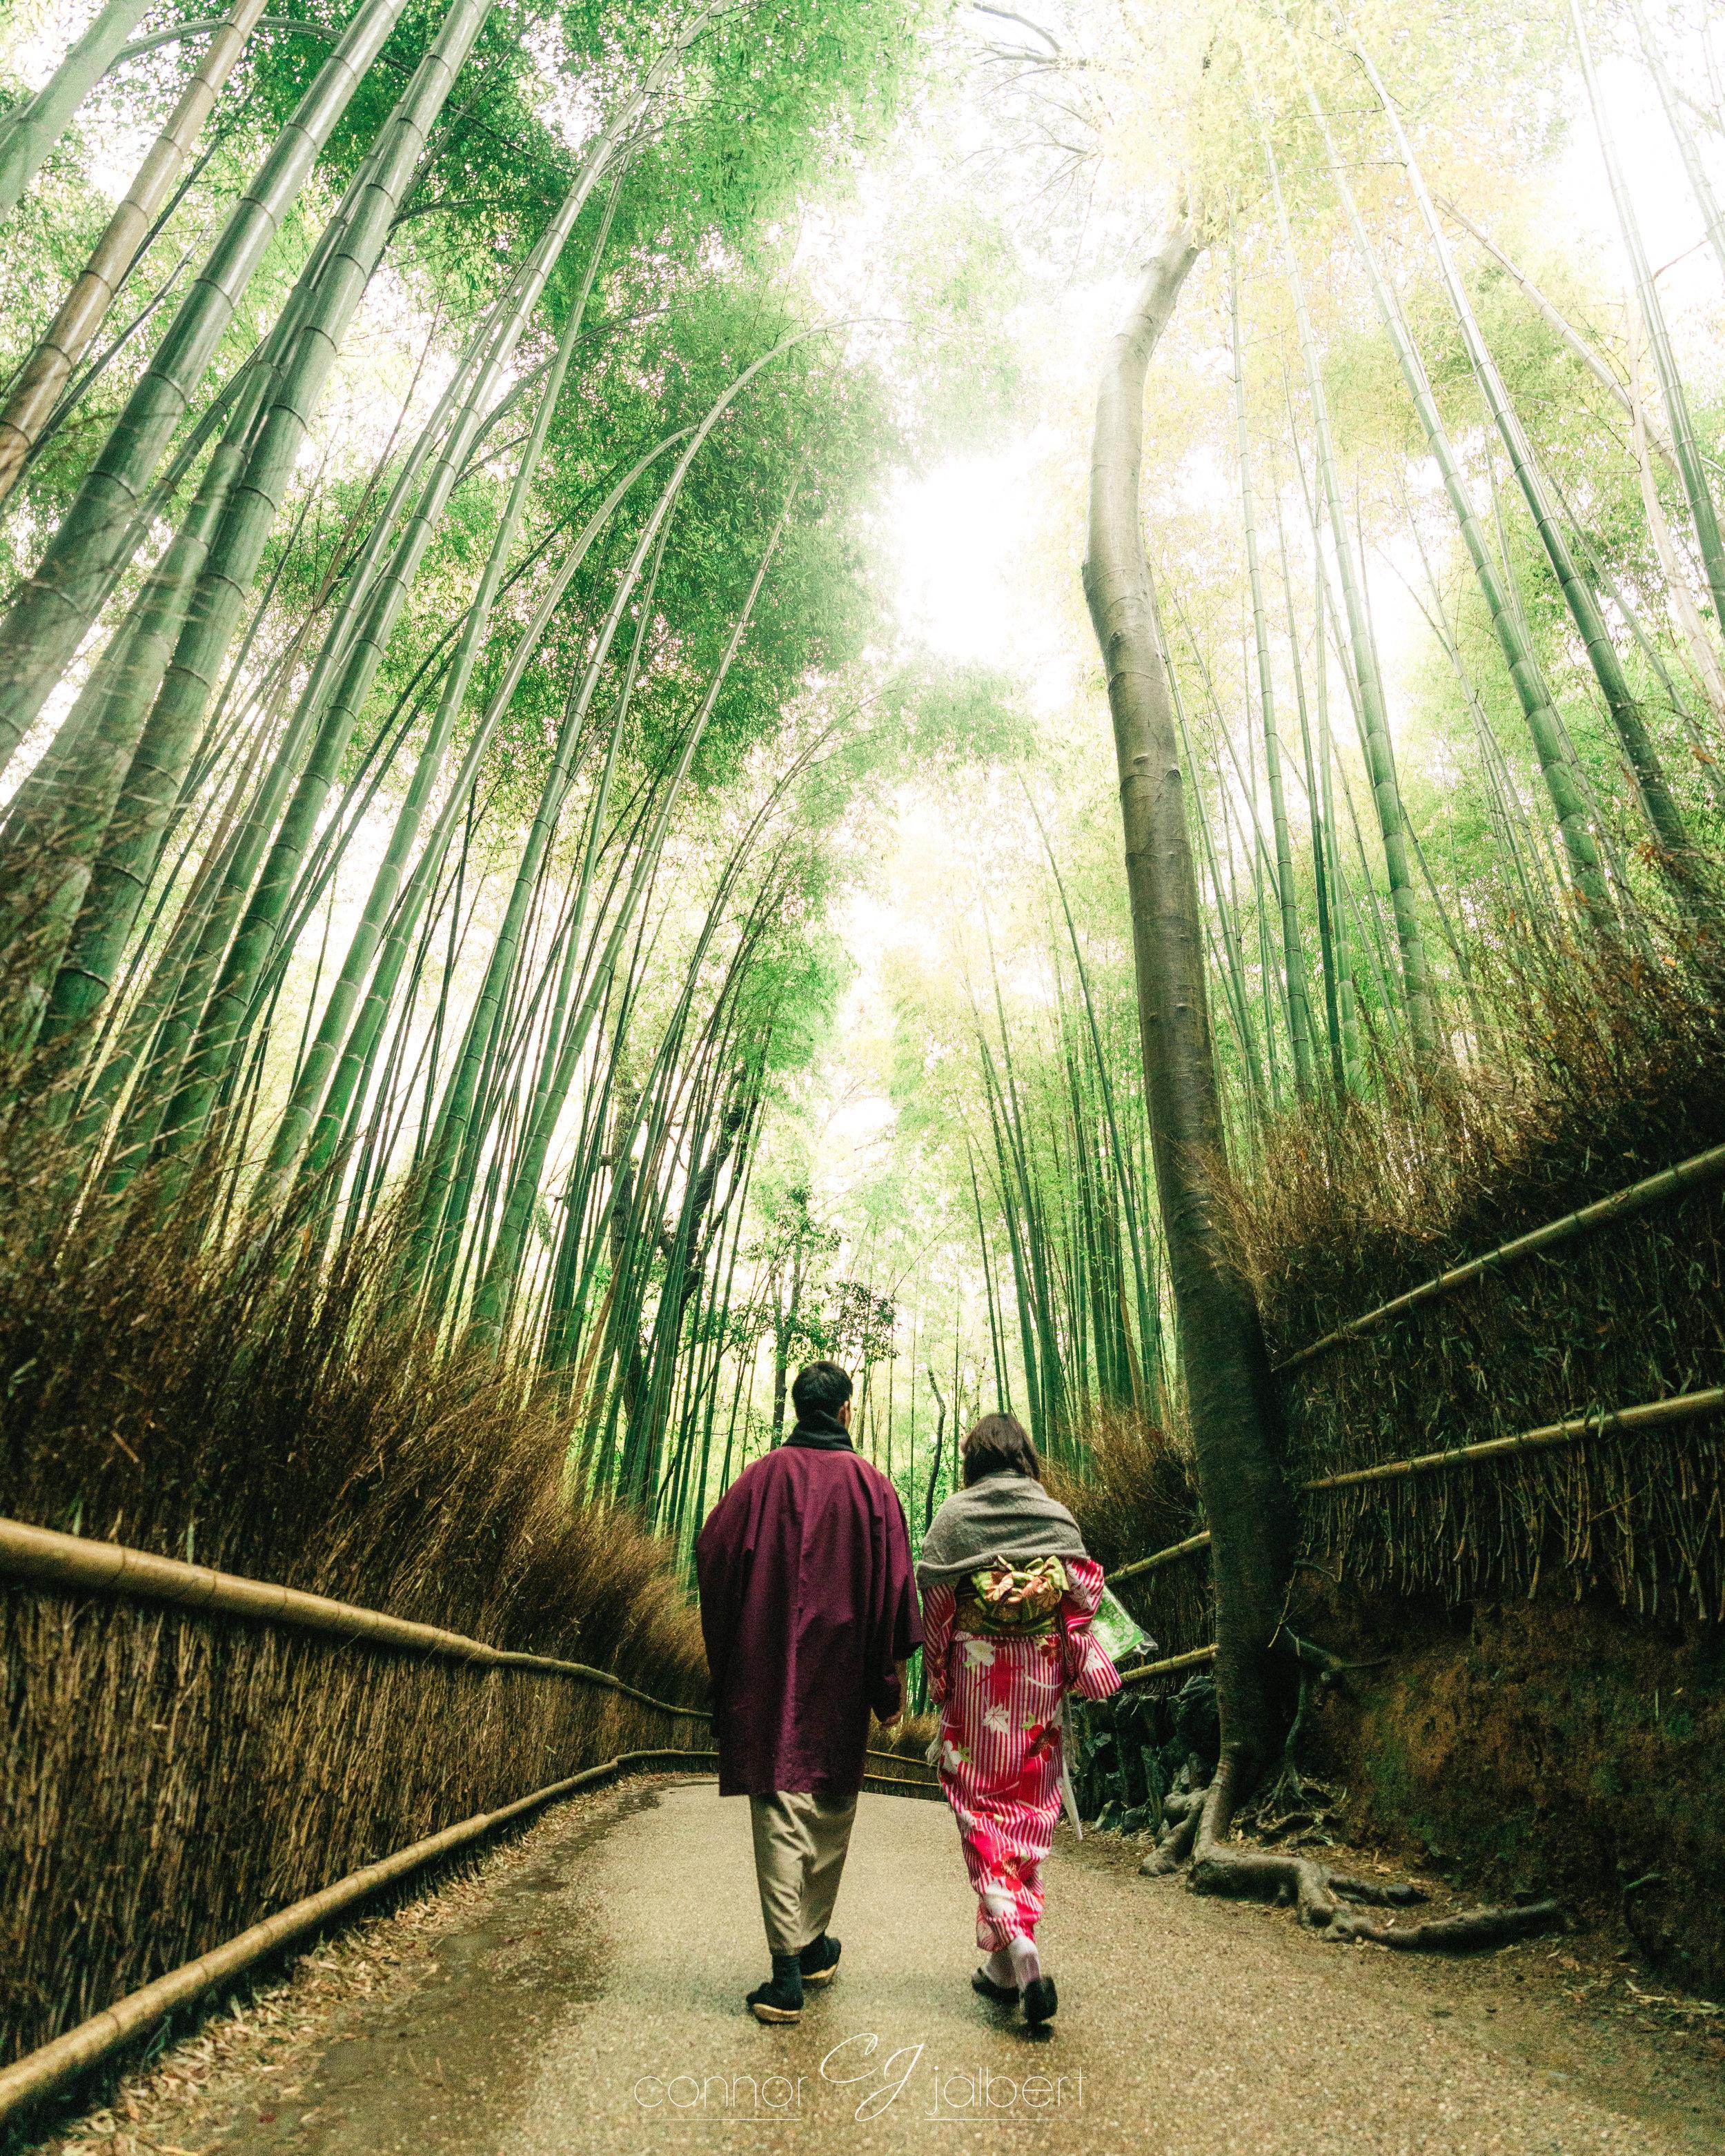 Arishiyama Bamboo Grove